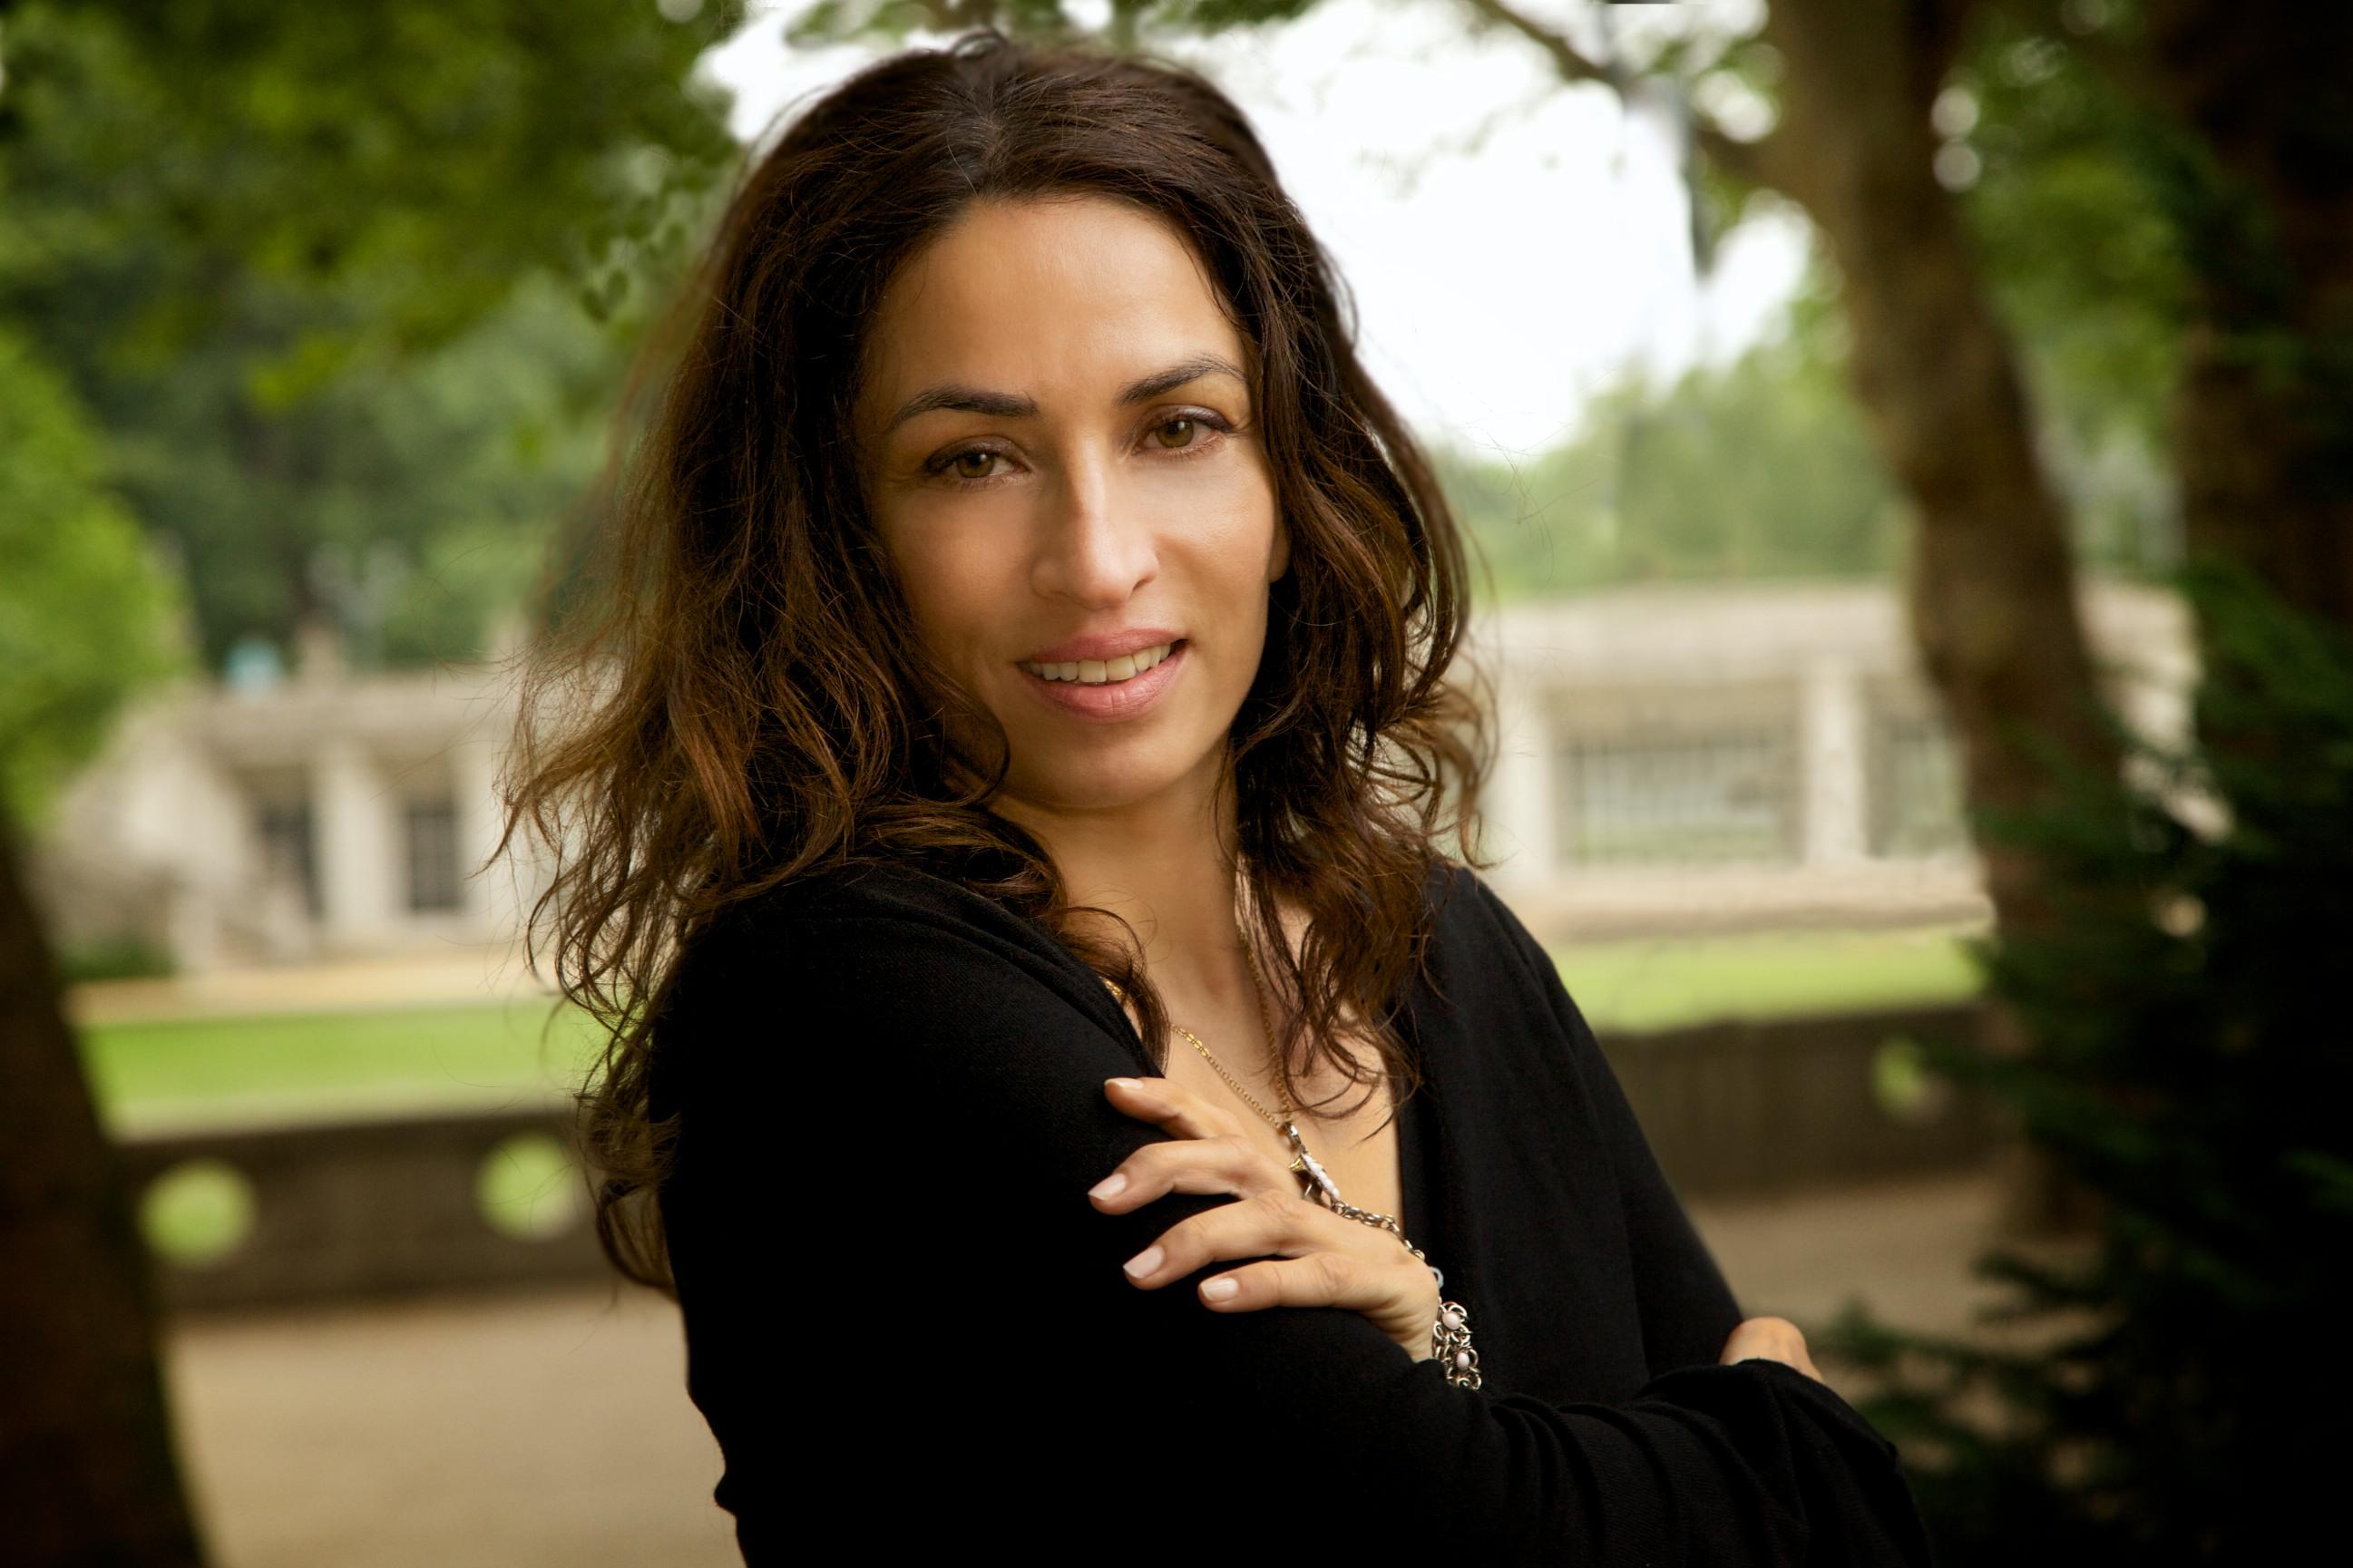 Actress Jale Arikan